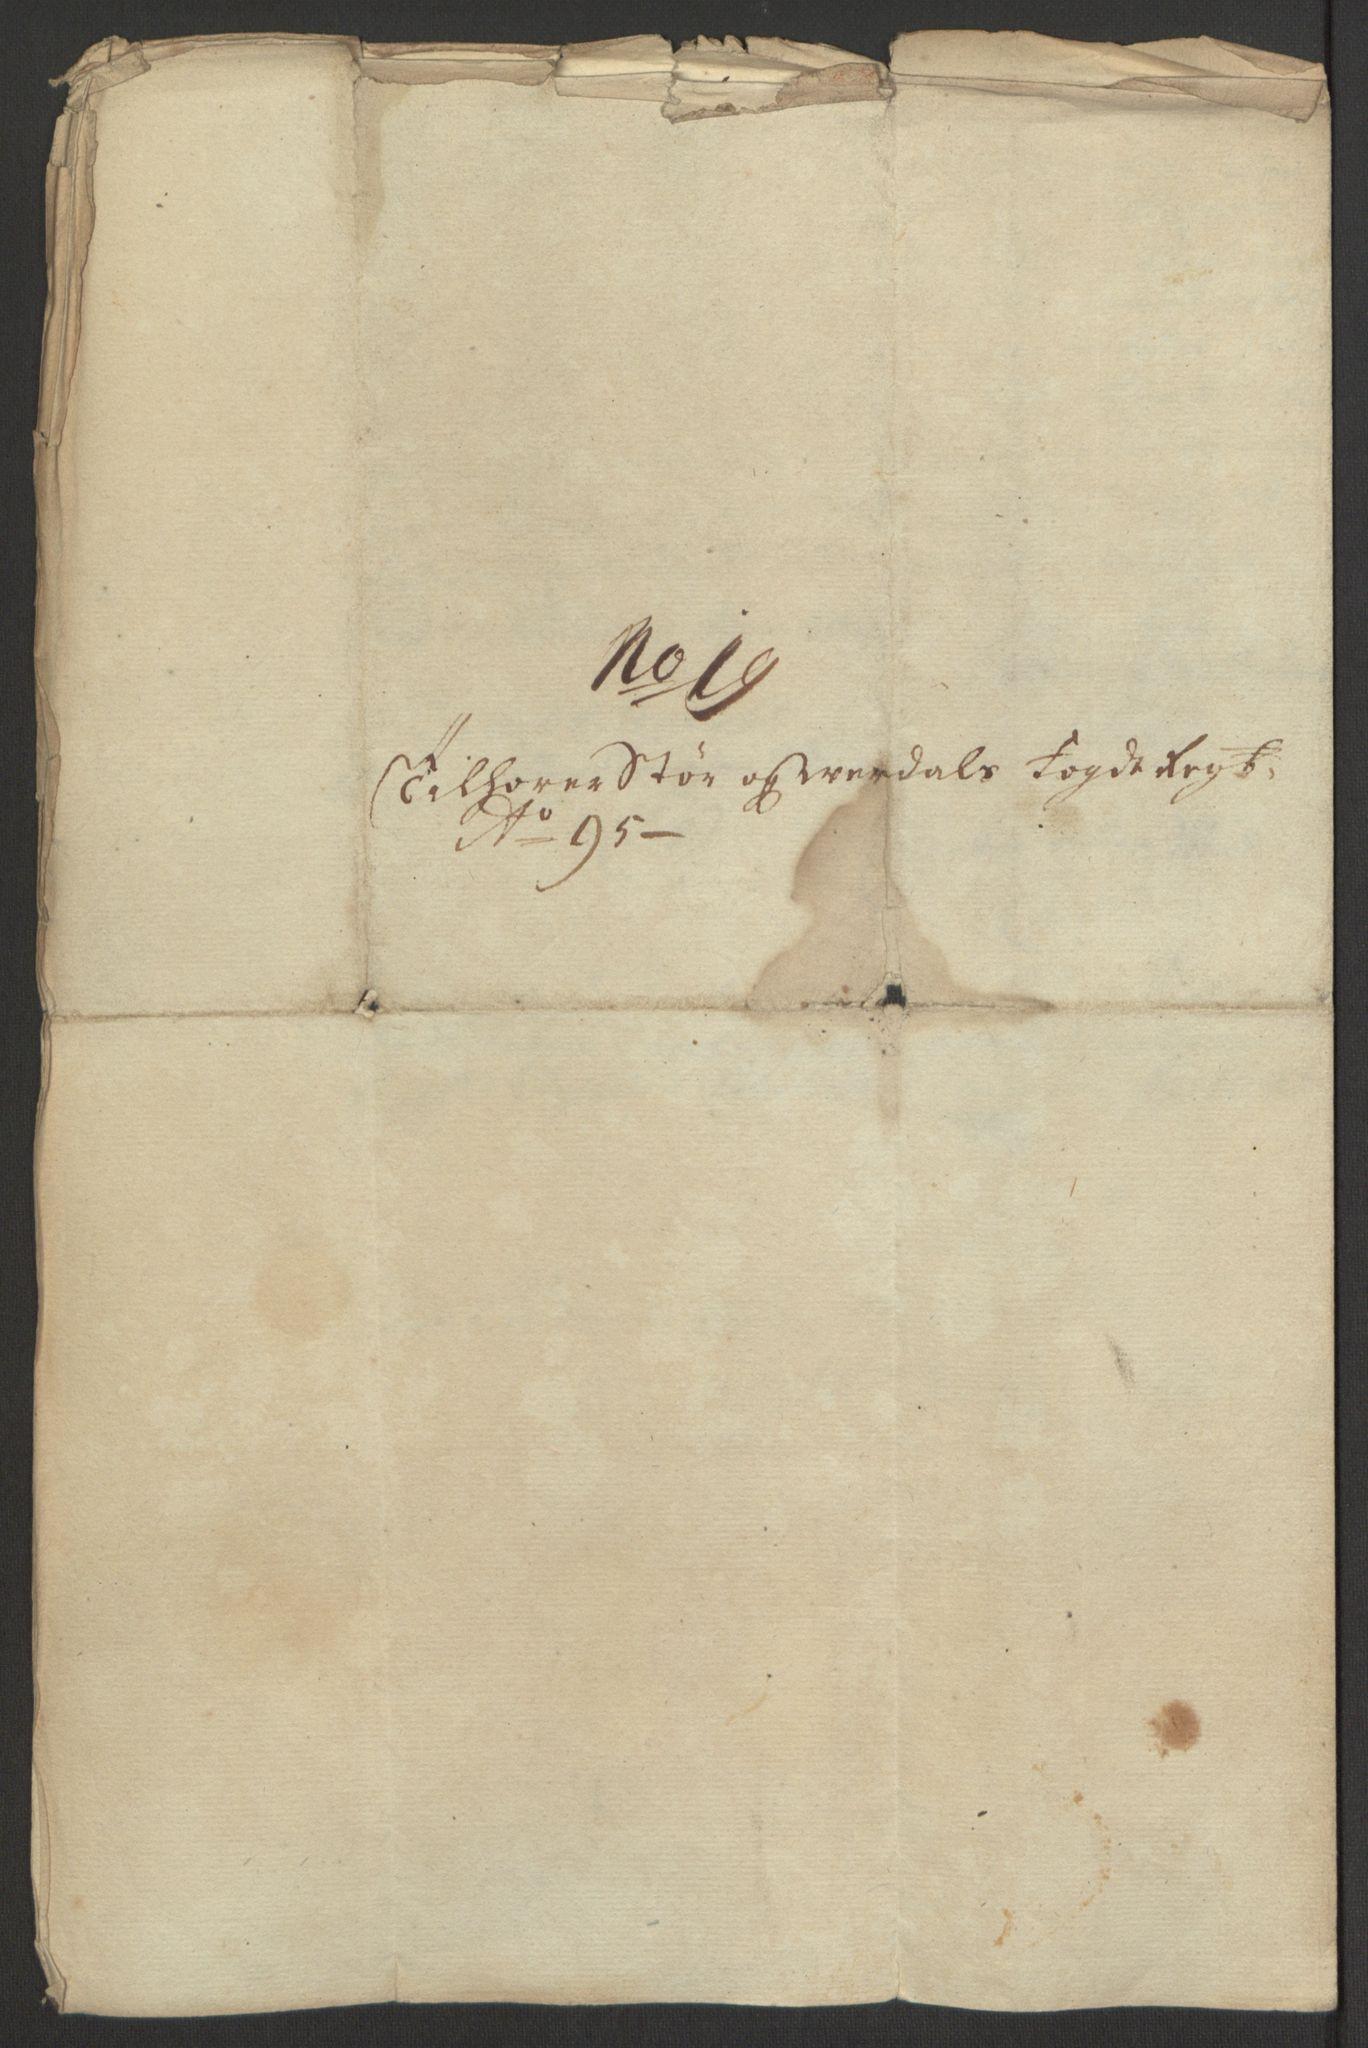 RA, Rentekammeret inntil 1814, Reviderte regnskaper, Fogderegnskap, R62/L4187: Fogderegnskap Stjørdal og Verdal, 1695, s. 221